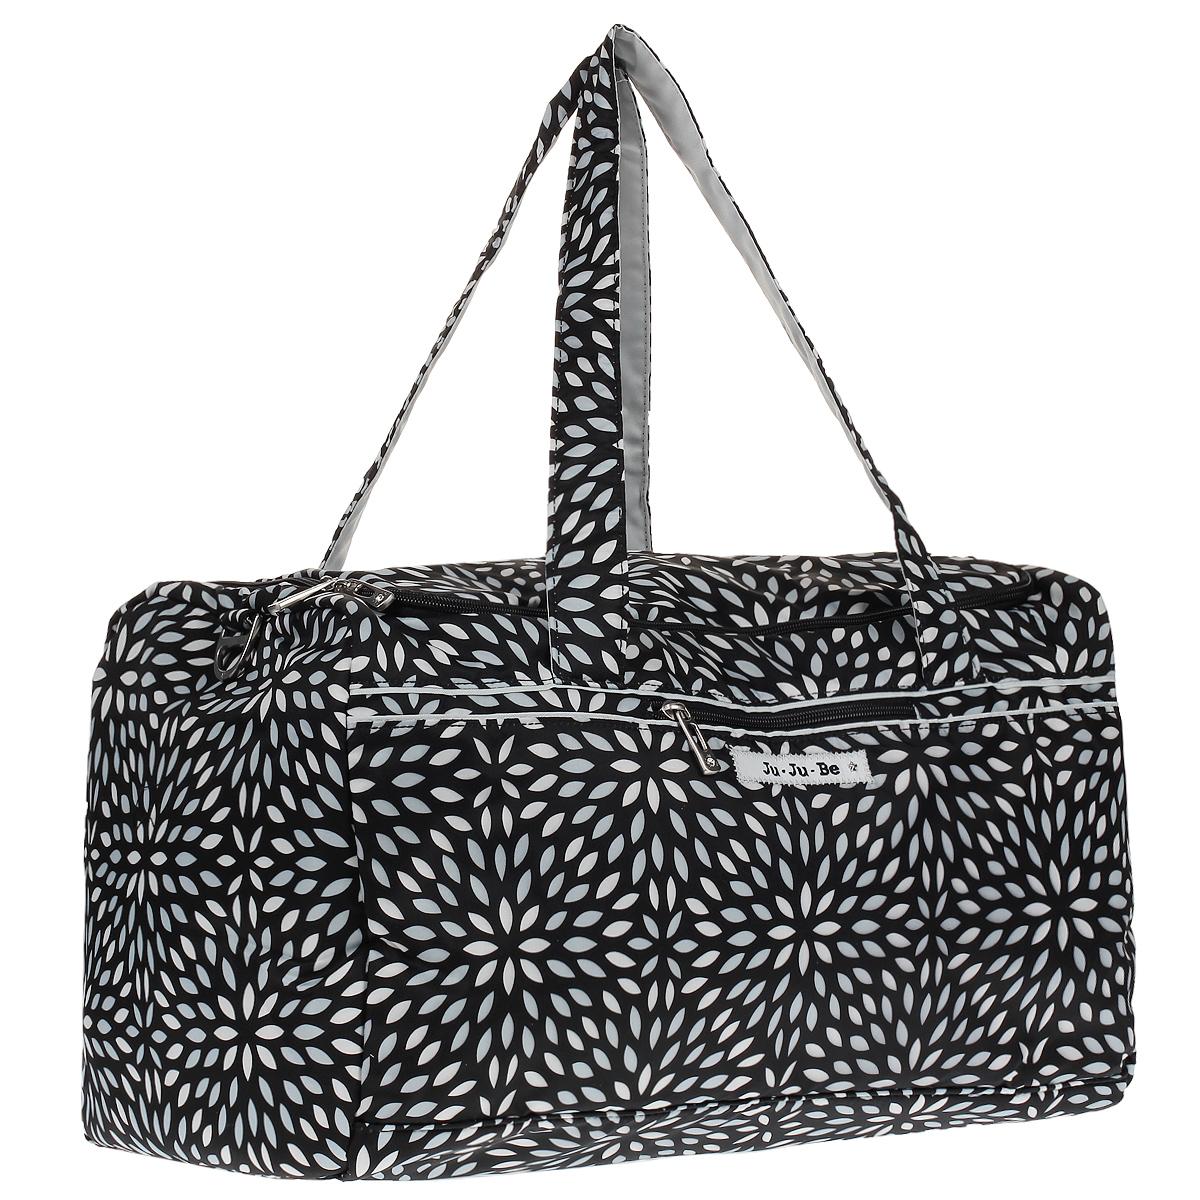 Ju-Ju-Be Сумка дорожная Starlet Platinum Petals цвет черный серебристый13TD02A-0257Если вам нужна легкая сумка для путешествий, поездок за город или на фитнесс, значит, сумка Ju-Ju-Be Starlet - ваш идеальный вариант! В эту сумку поместится столько вещей, что вы будете удивлены. Выполнена сумка из мягкого водонепроницаемого материала с тефлоновой пропиткой внешней ткани. Предусмотрена светлая и яркая атласная подкладка с ионами серебра AgION, чтобы вы могли найти вещи легко и быстро. Сумка оснащена одним большим отделением на застежке-молнии с двумя бегунками, молния располагается в верхней части сумки, чтобы можно было легко посмотреть что внутри. Спереди предусмотрен карман на застежке-молнии, который идеально подойдет для паспорта, а сзади расположен вместительный карман на двойной застежке-кнопке. Для переноски имеются две удобные мягкие ручки. По бокам и снизу модель дополнена мягкими скрытыми вставками. Сумка легко складывается и не занимает много места. Вы сможете положить ее в чемодан и, возвращаясь обратно, сложить в нее покупки, сделанные на...